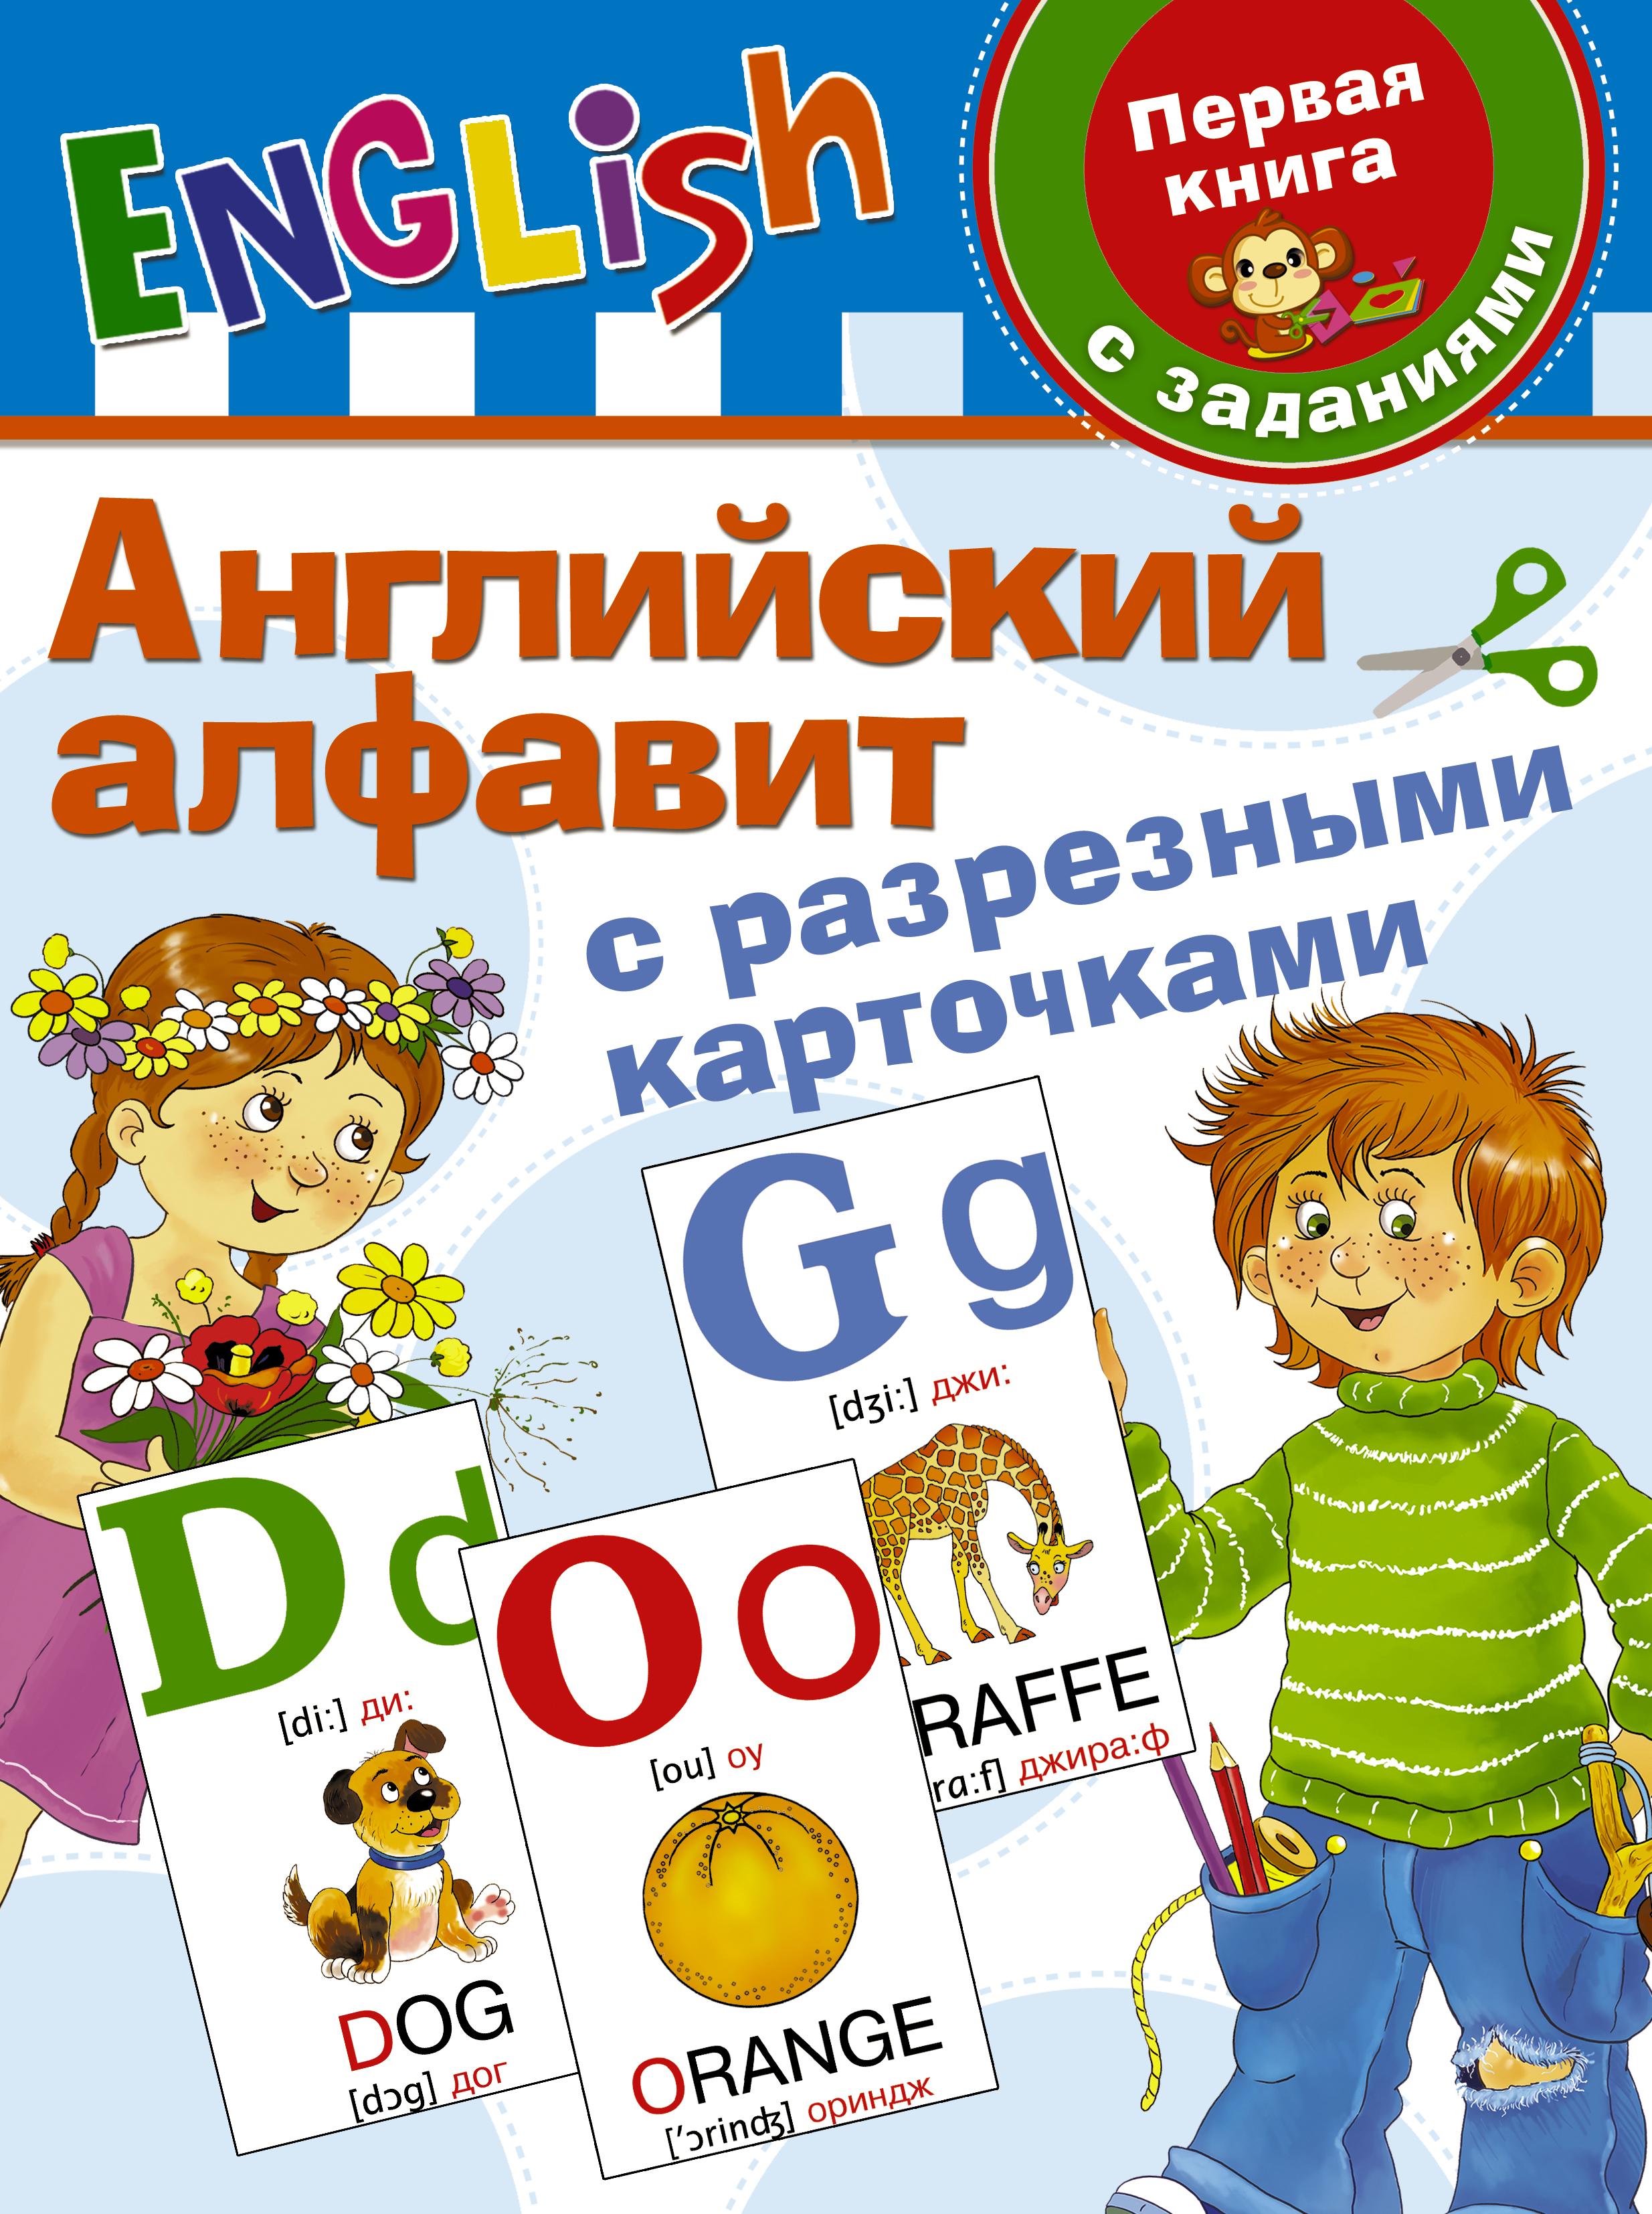 Дмитриева В.Г. Английский алфавит с разрезными карточками дмитриева в сост первые прописи с крупными буквами 32 наклейки